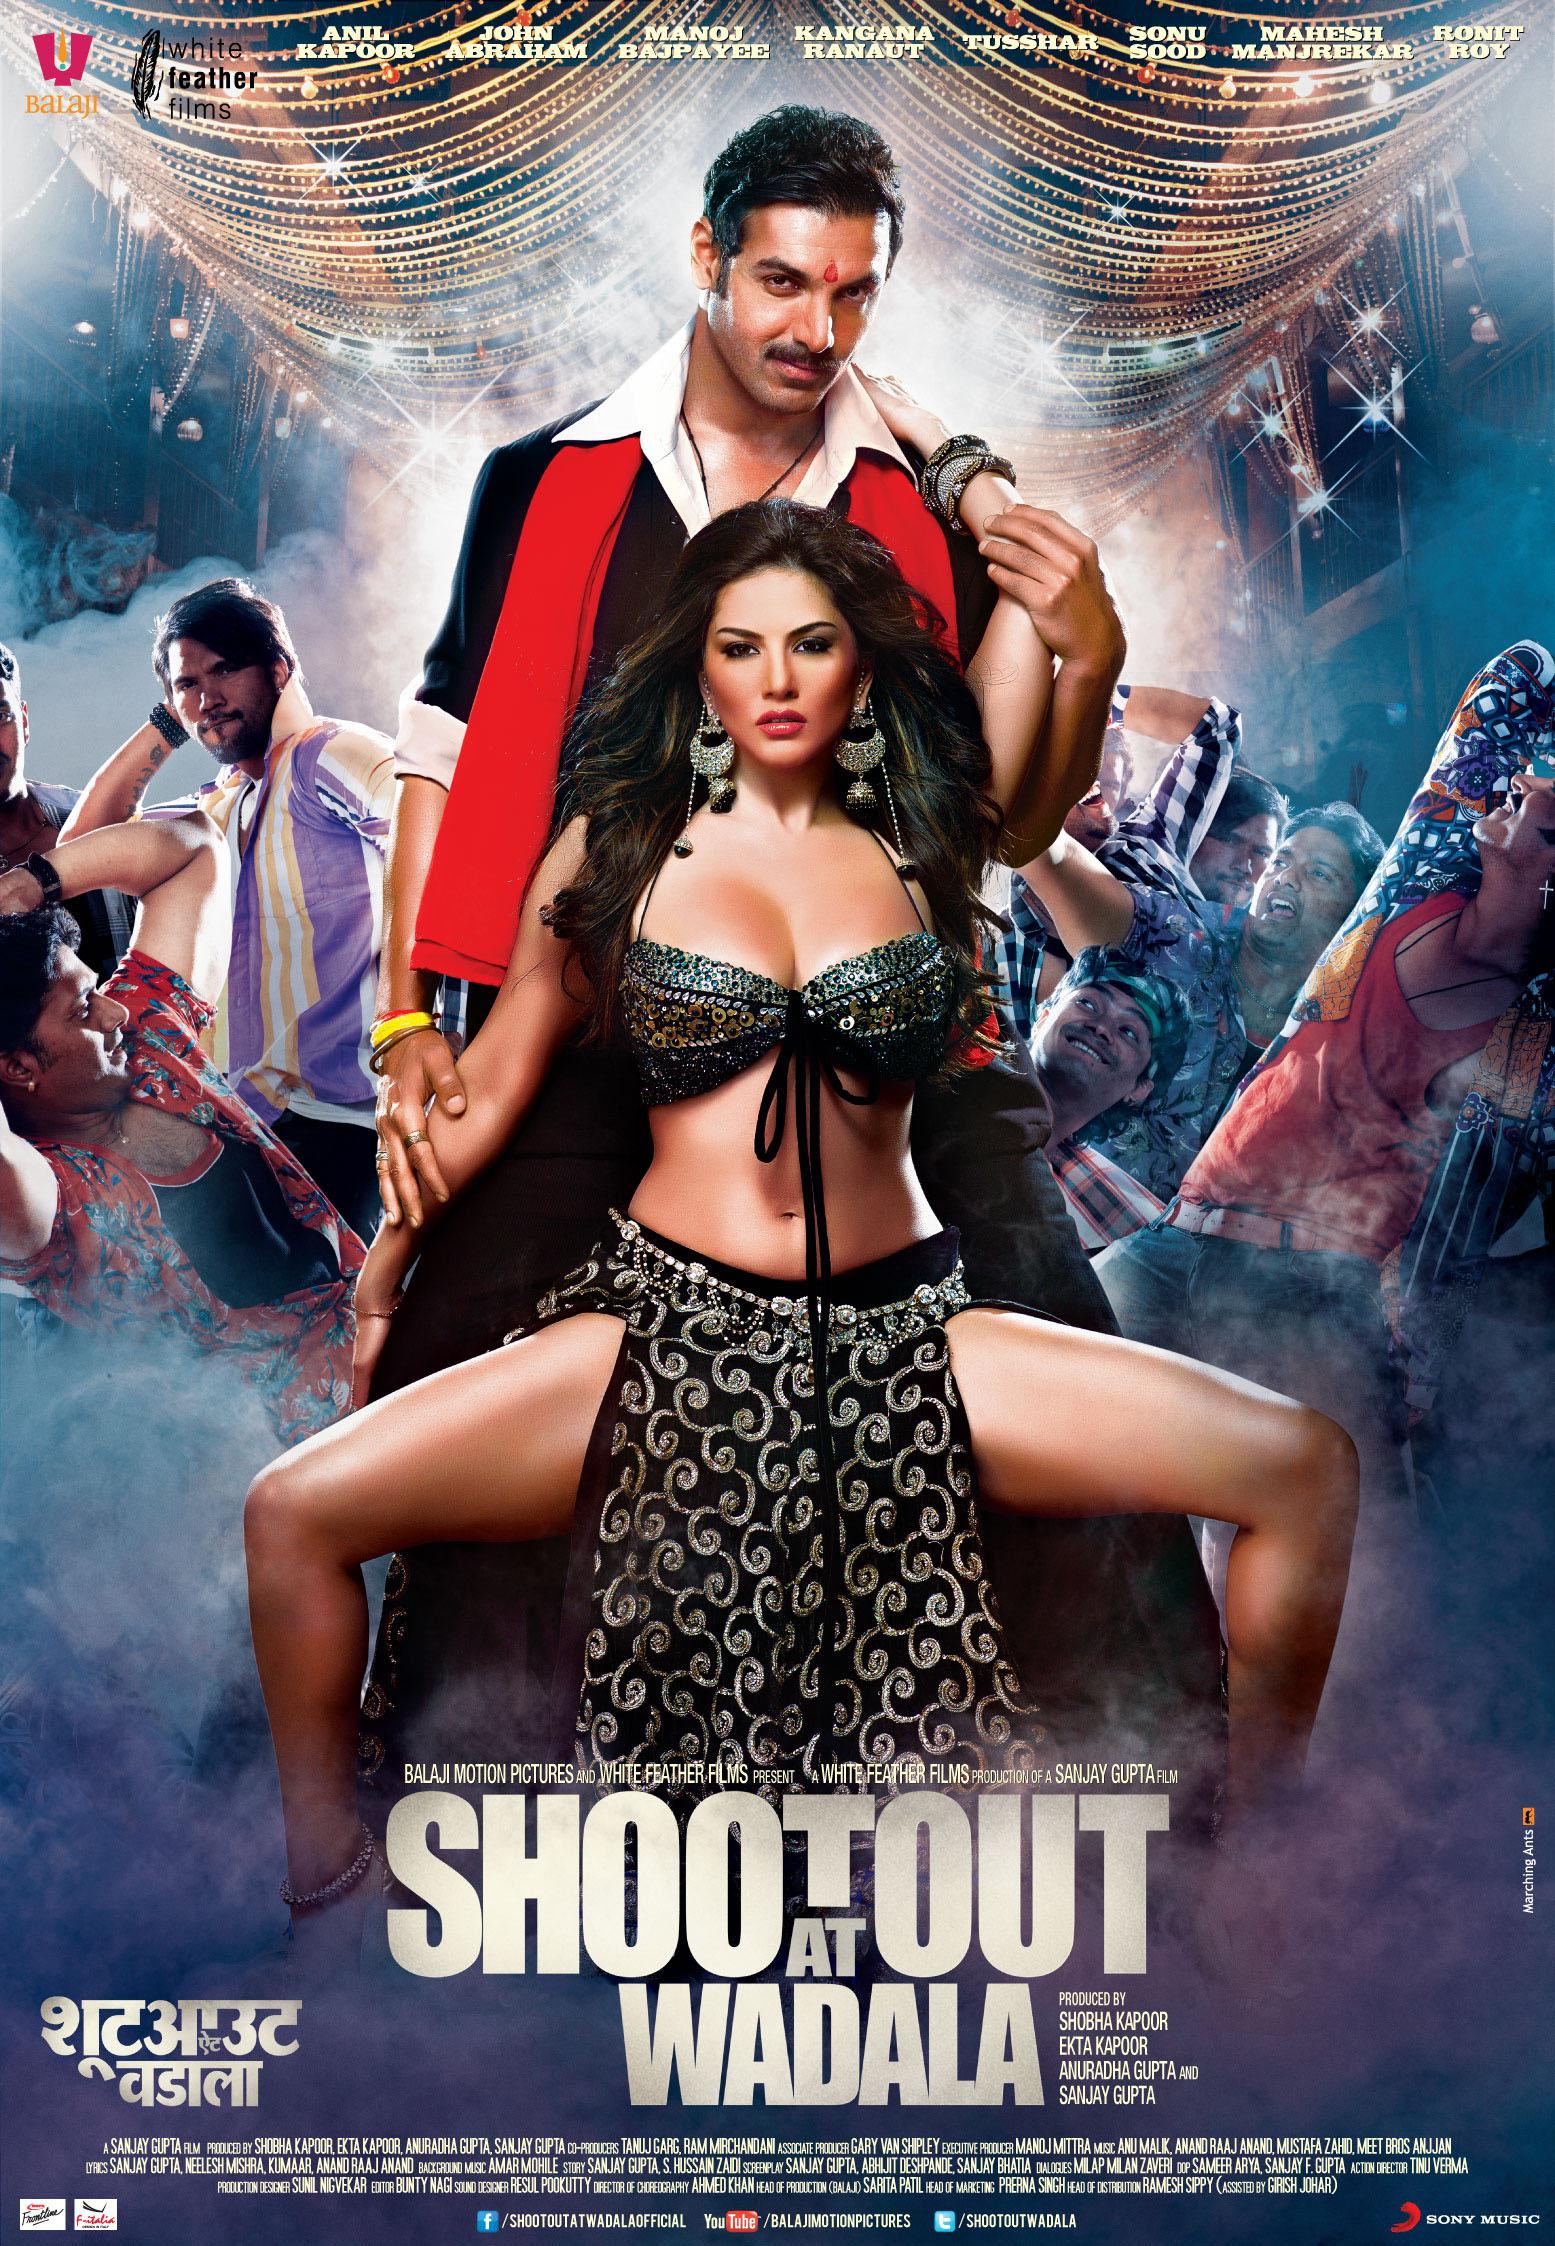 Shootout At Wadala - Movie Poster #12 (Original)